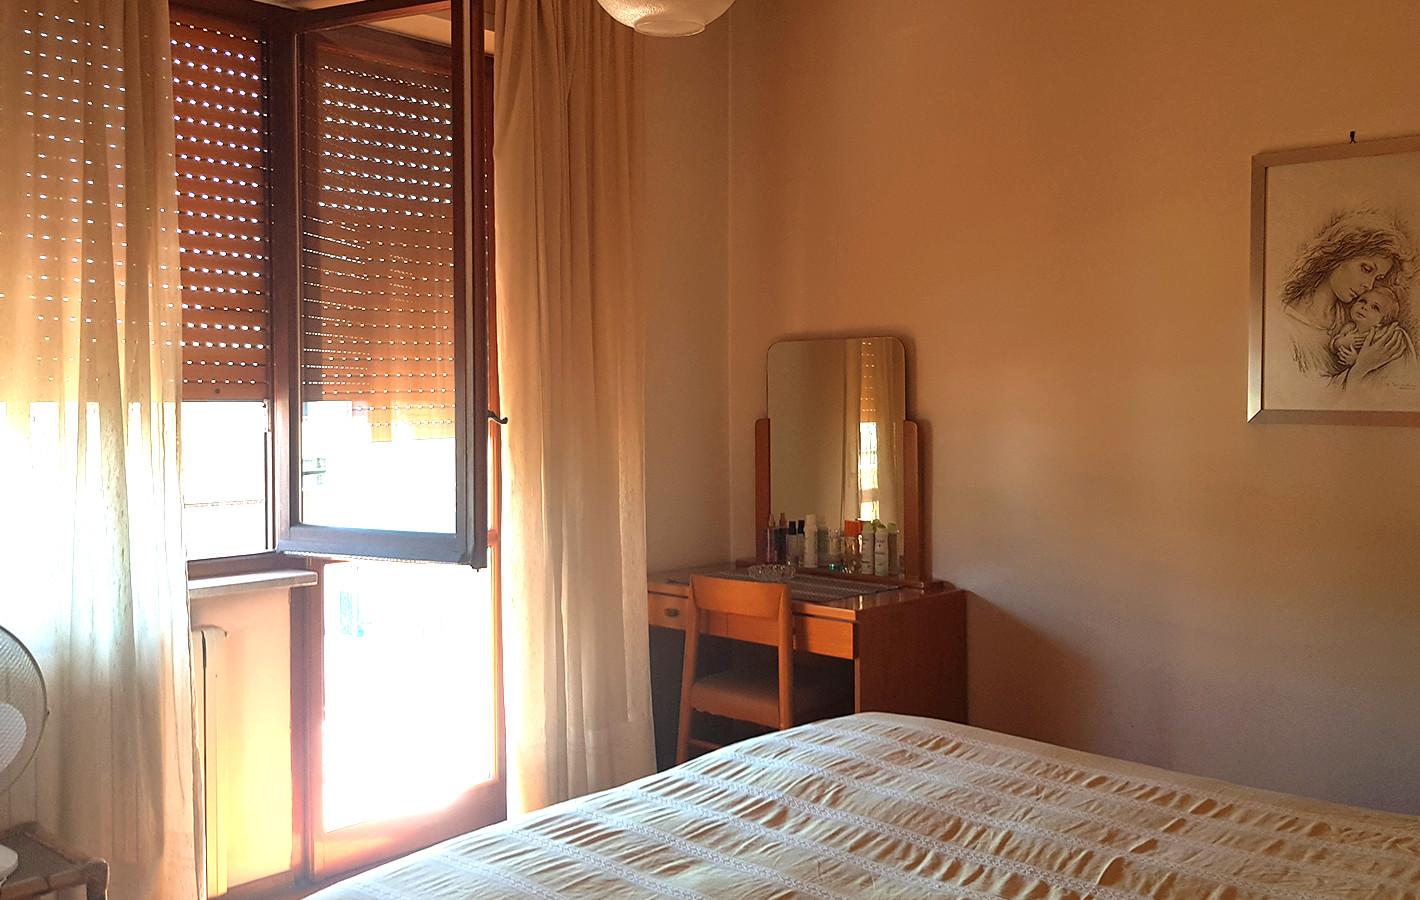 camera letto rif. 26